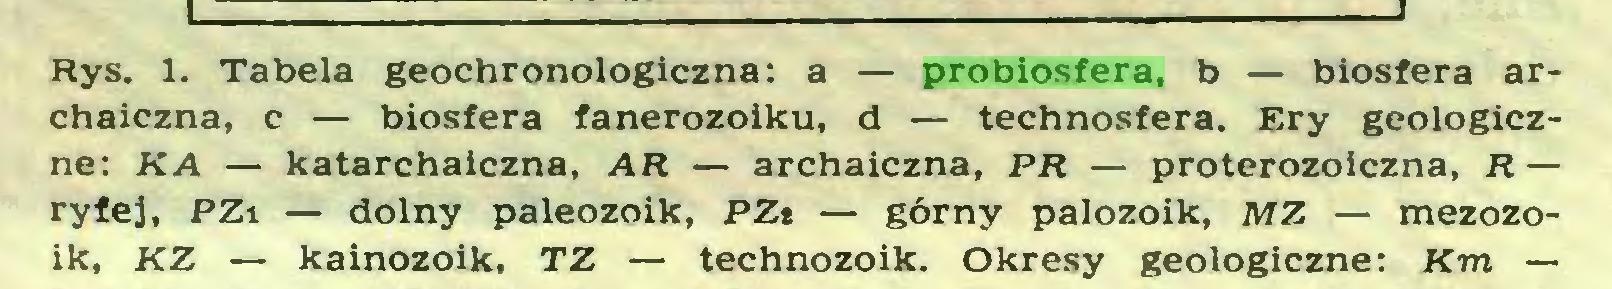 (...) Rys. 1. Tabela geochronologiczna: a — probiosfera, b — biosfera archaiczna, c — biosfera fanerozoiku, d — technosfera. Ery geologiczne: KA — katarchaiczna, AR — archaiczna, PR — proterozoiczna, R — ryfej, PZi — dolny paleozoik, PZt — górny palozoik, AfZ — mezozoik, KZ — kainozoik, TZ — technozoik. Okresy geologiczne: Km —...